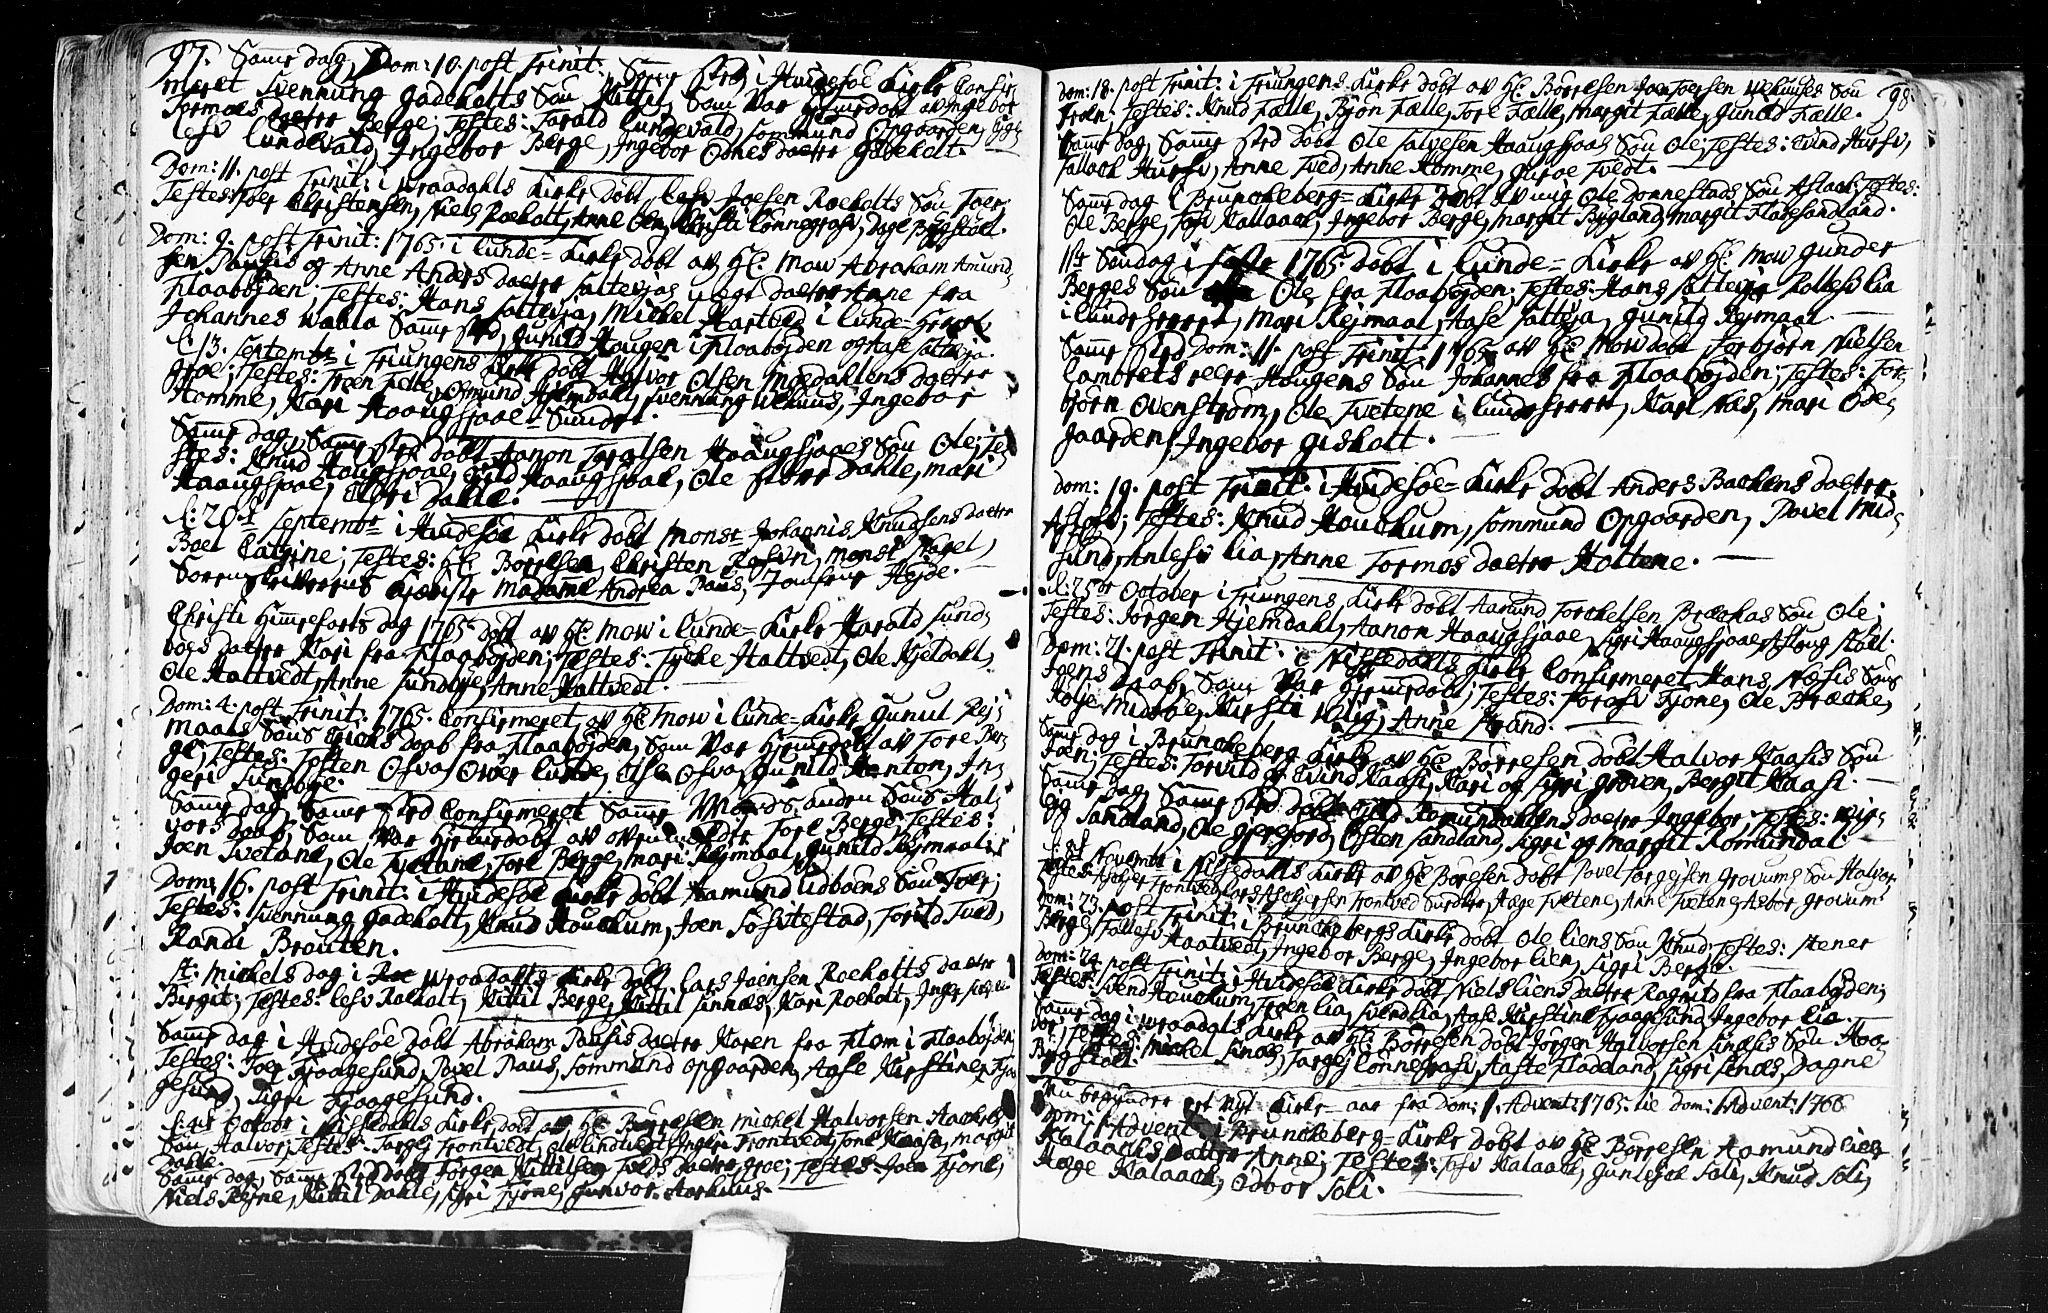 SAKO, Kviteseid kirkebøker, F/Fa/L0001: Ministerialbok nr. I 1, 1754-1773, s. 97-98